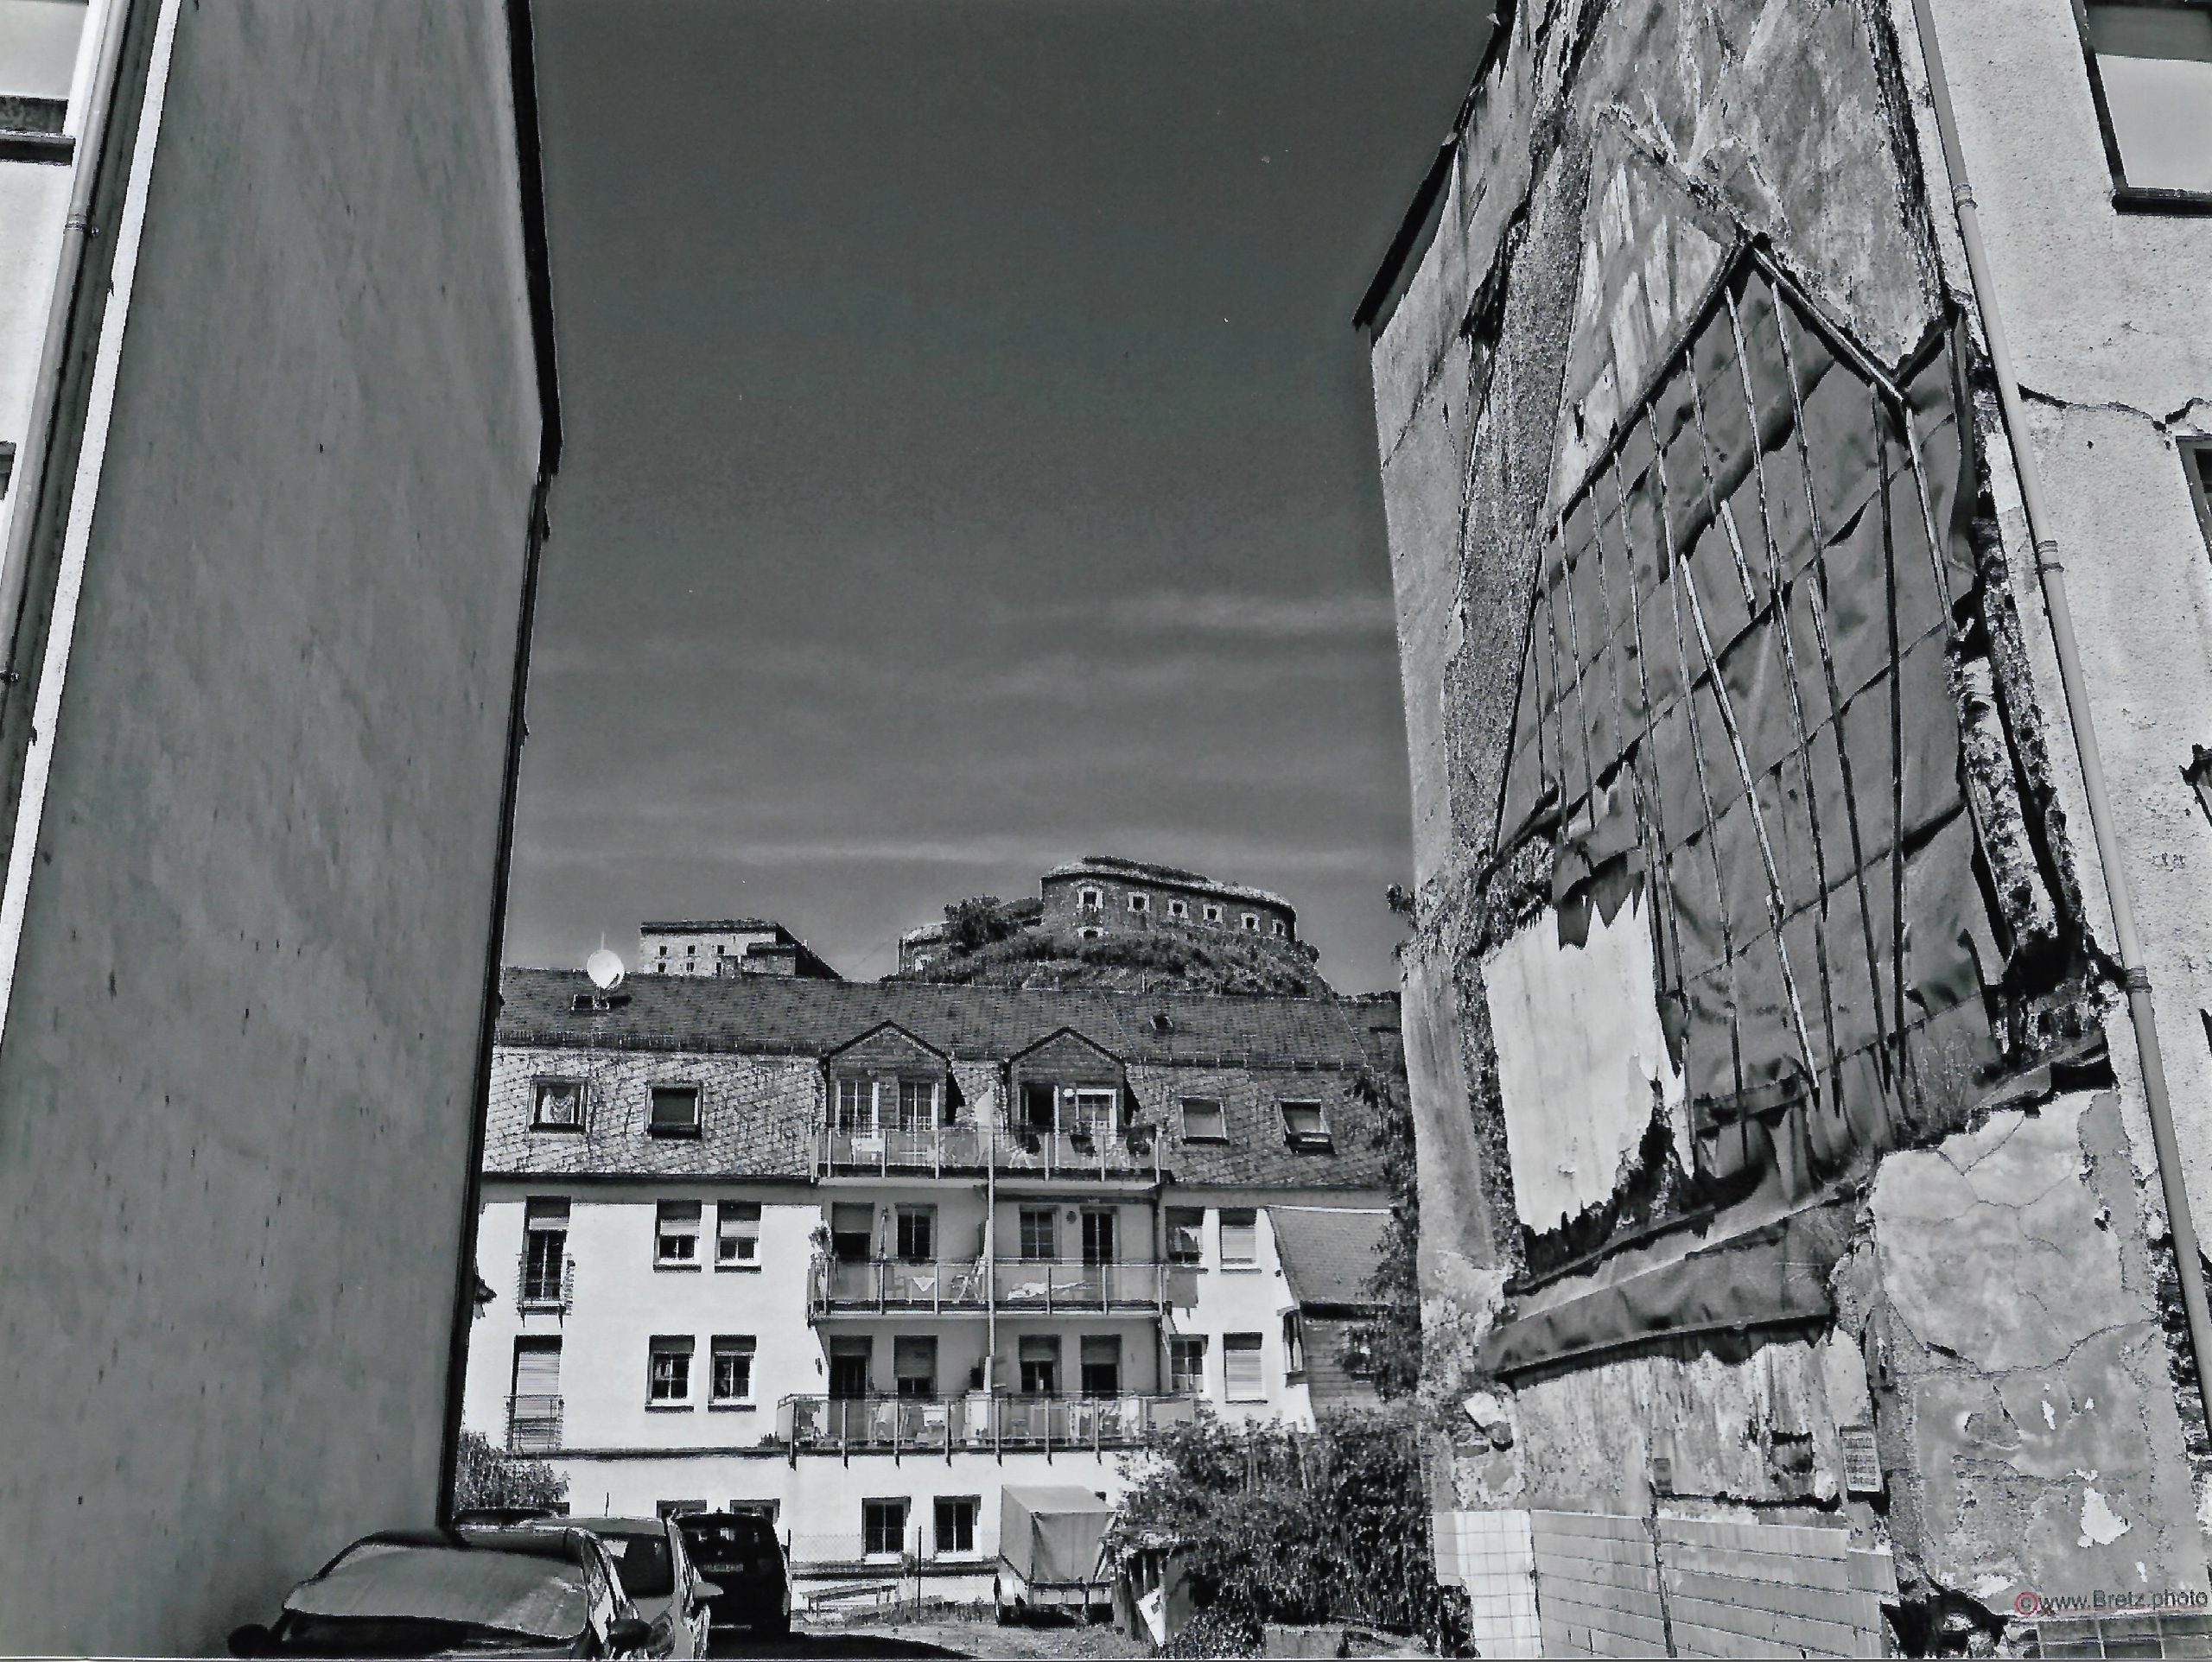 Zwischen den Häusern